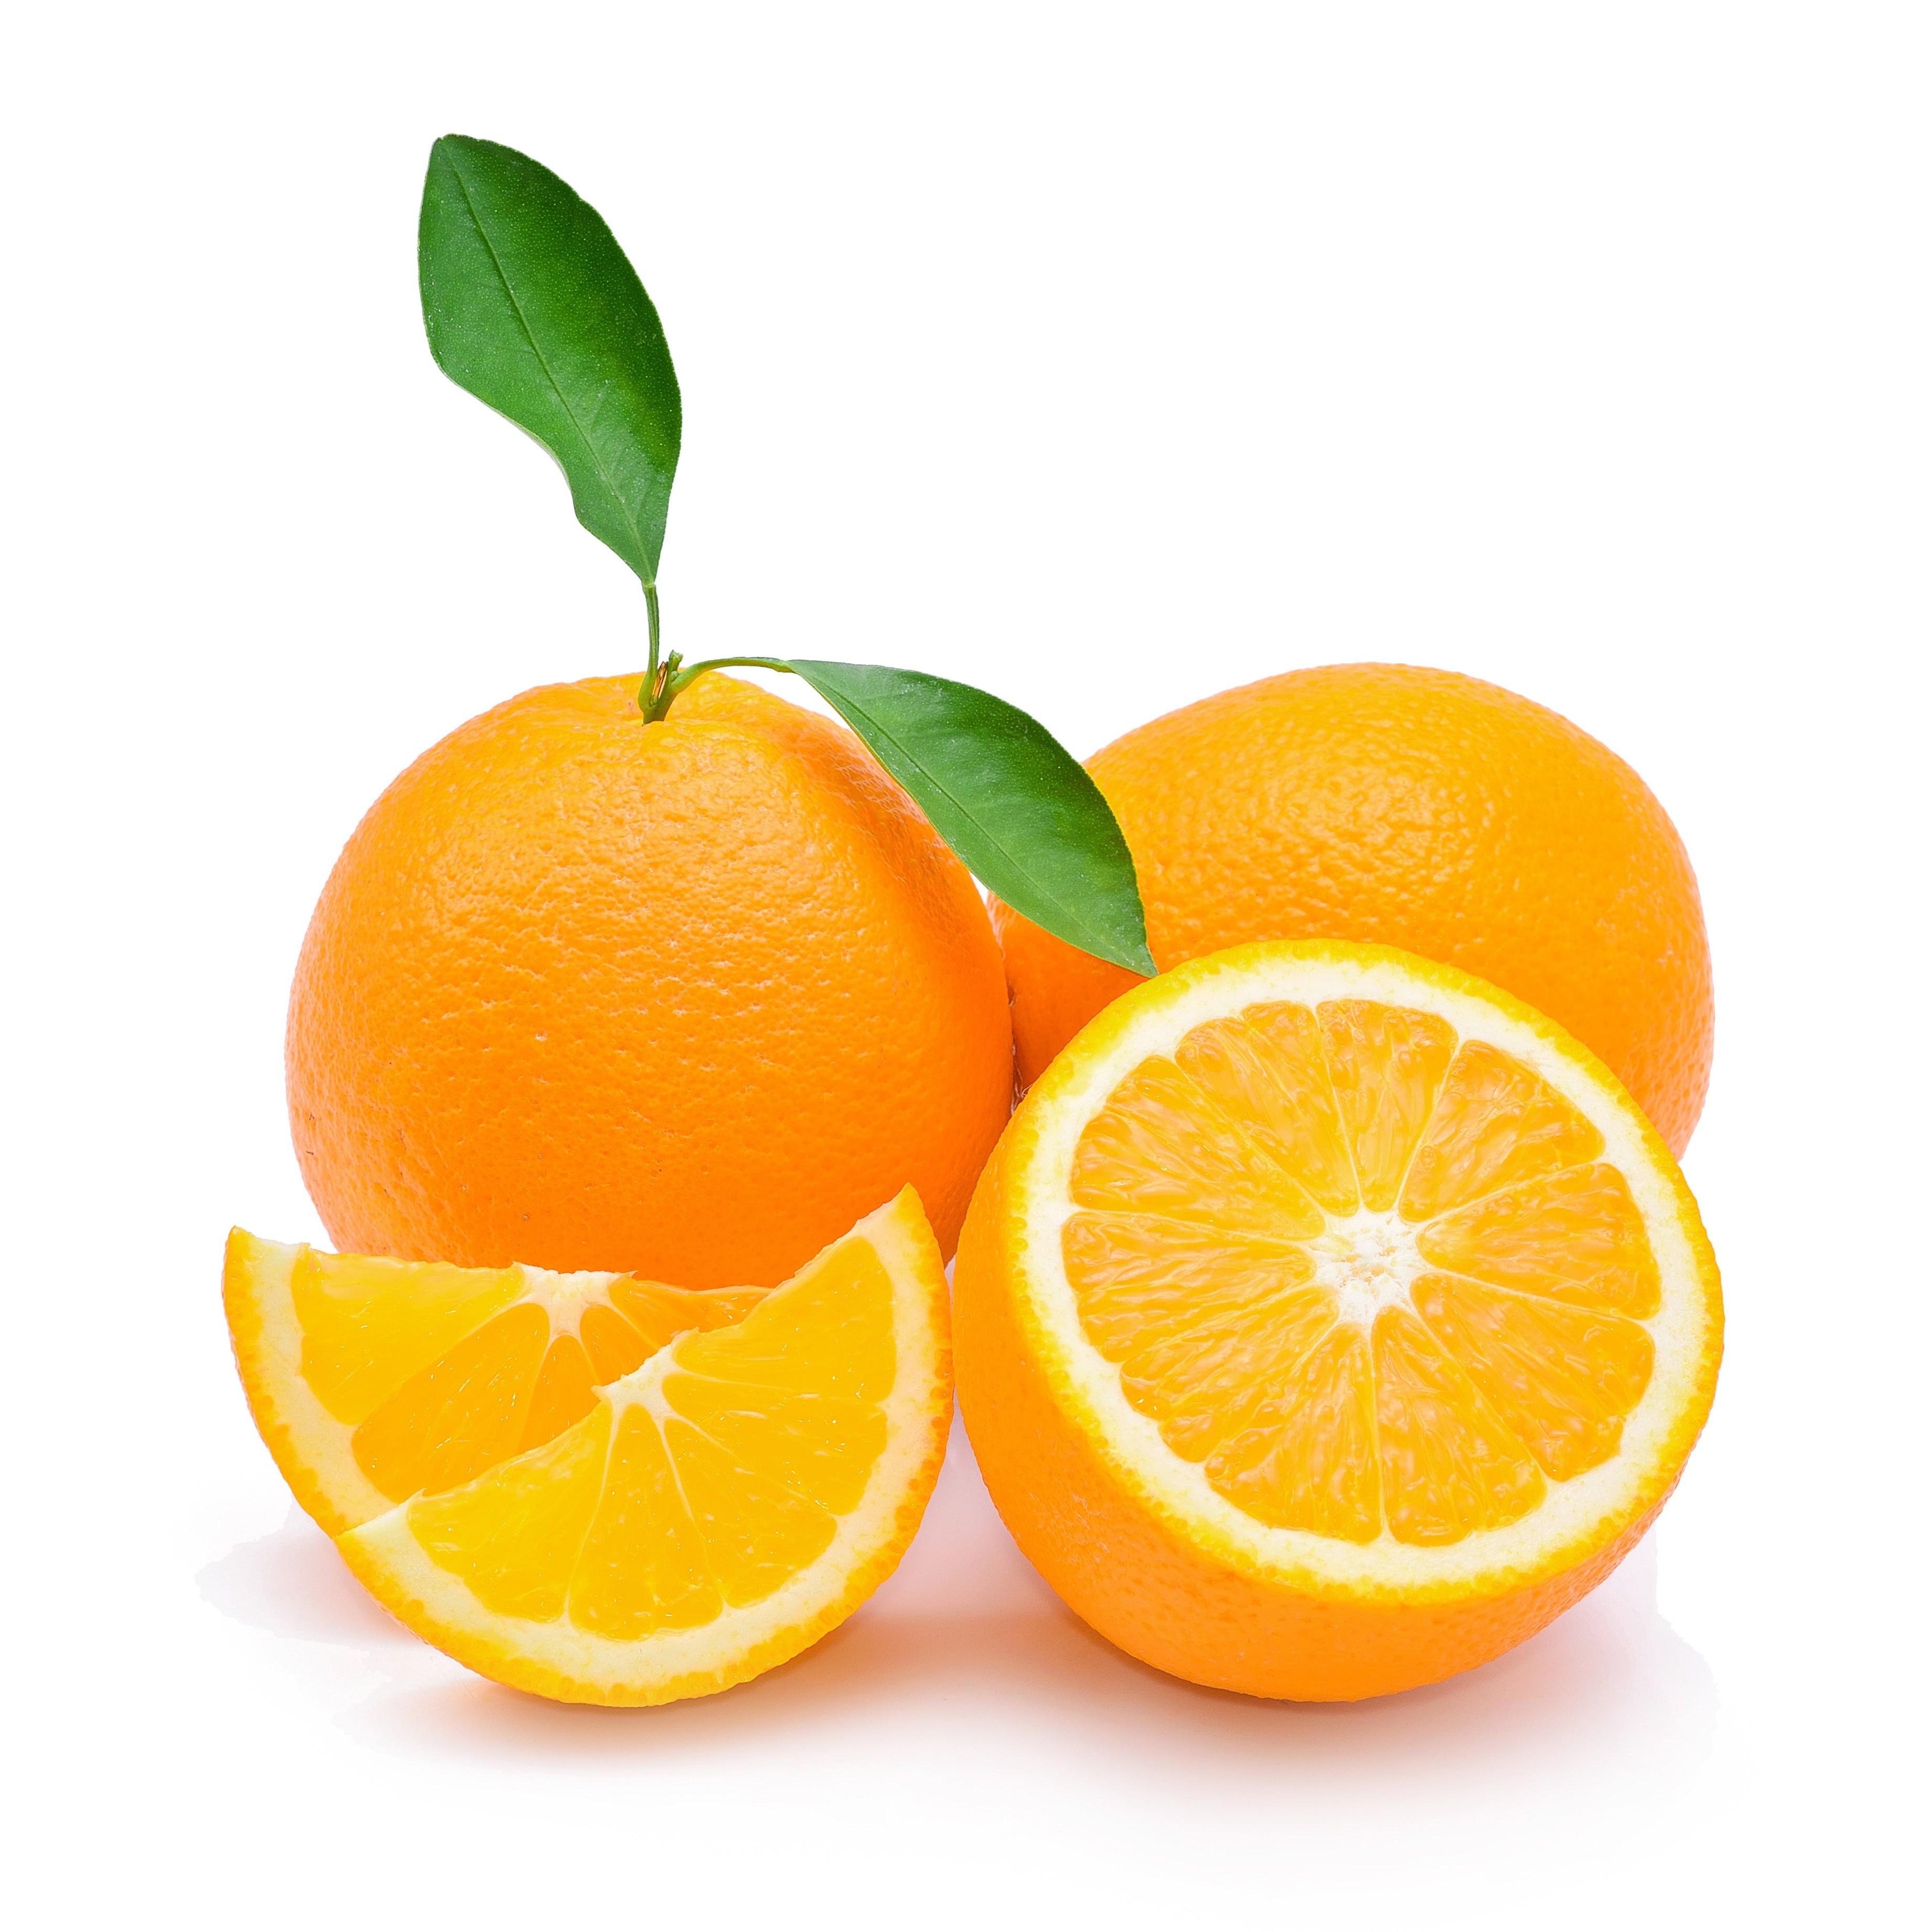 귤보다 싸다 미국산 고당도오렌지 20과 30과 중과 대과, 1박스, 1.고당도 네이블오렌지 중소과 20과